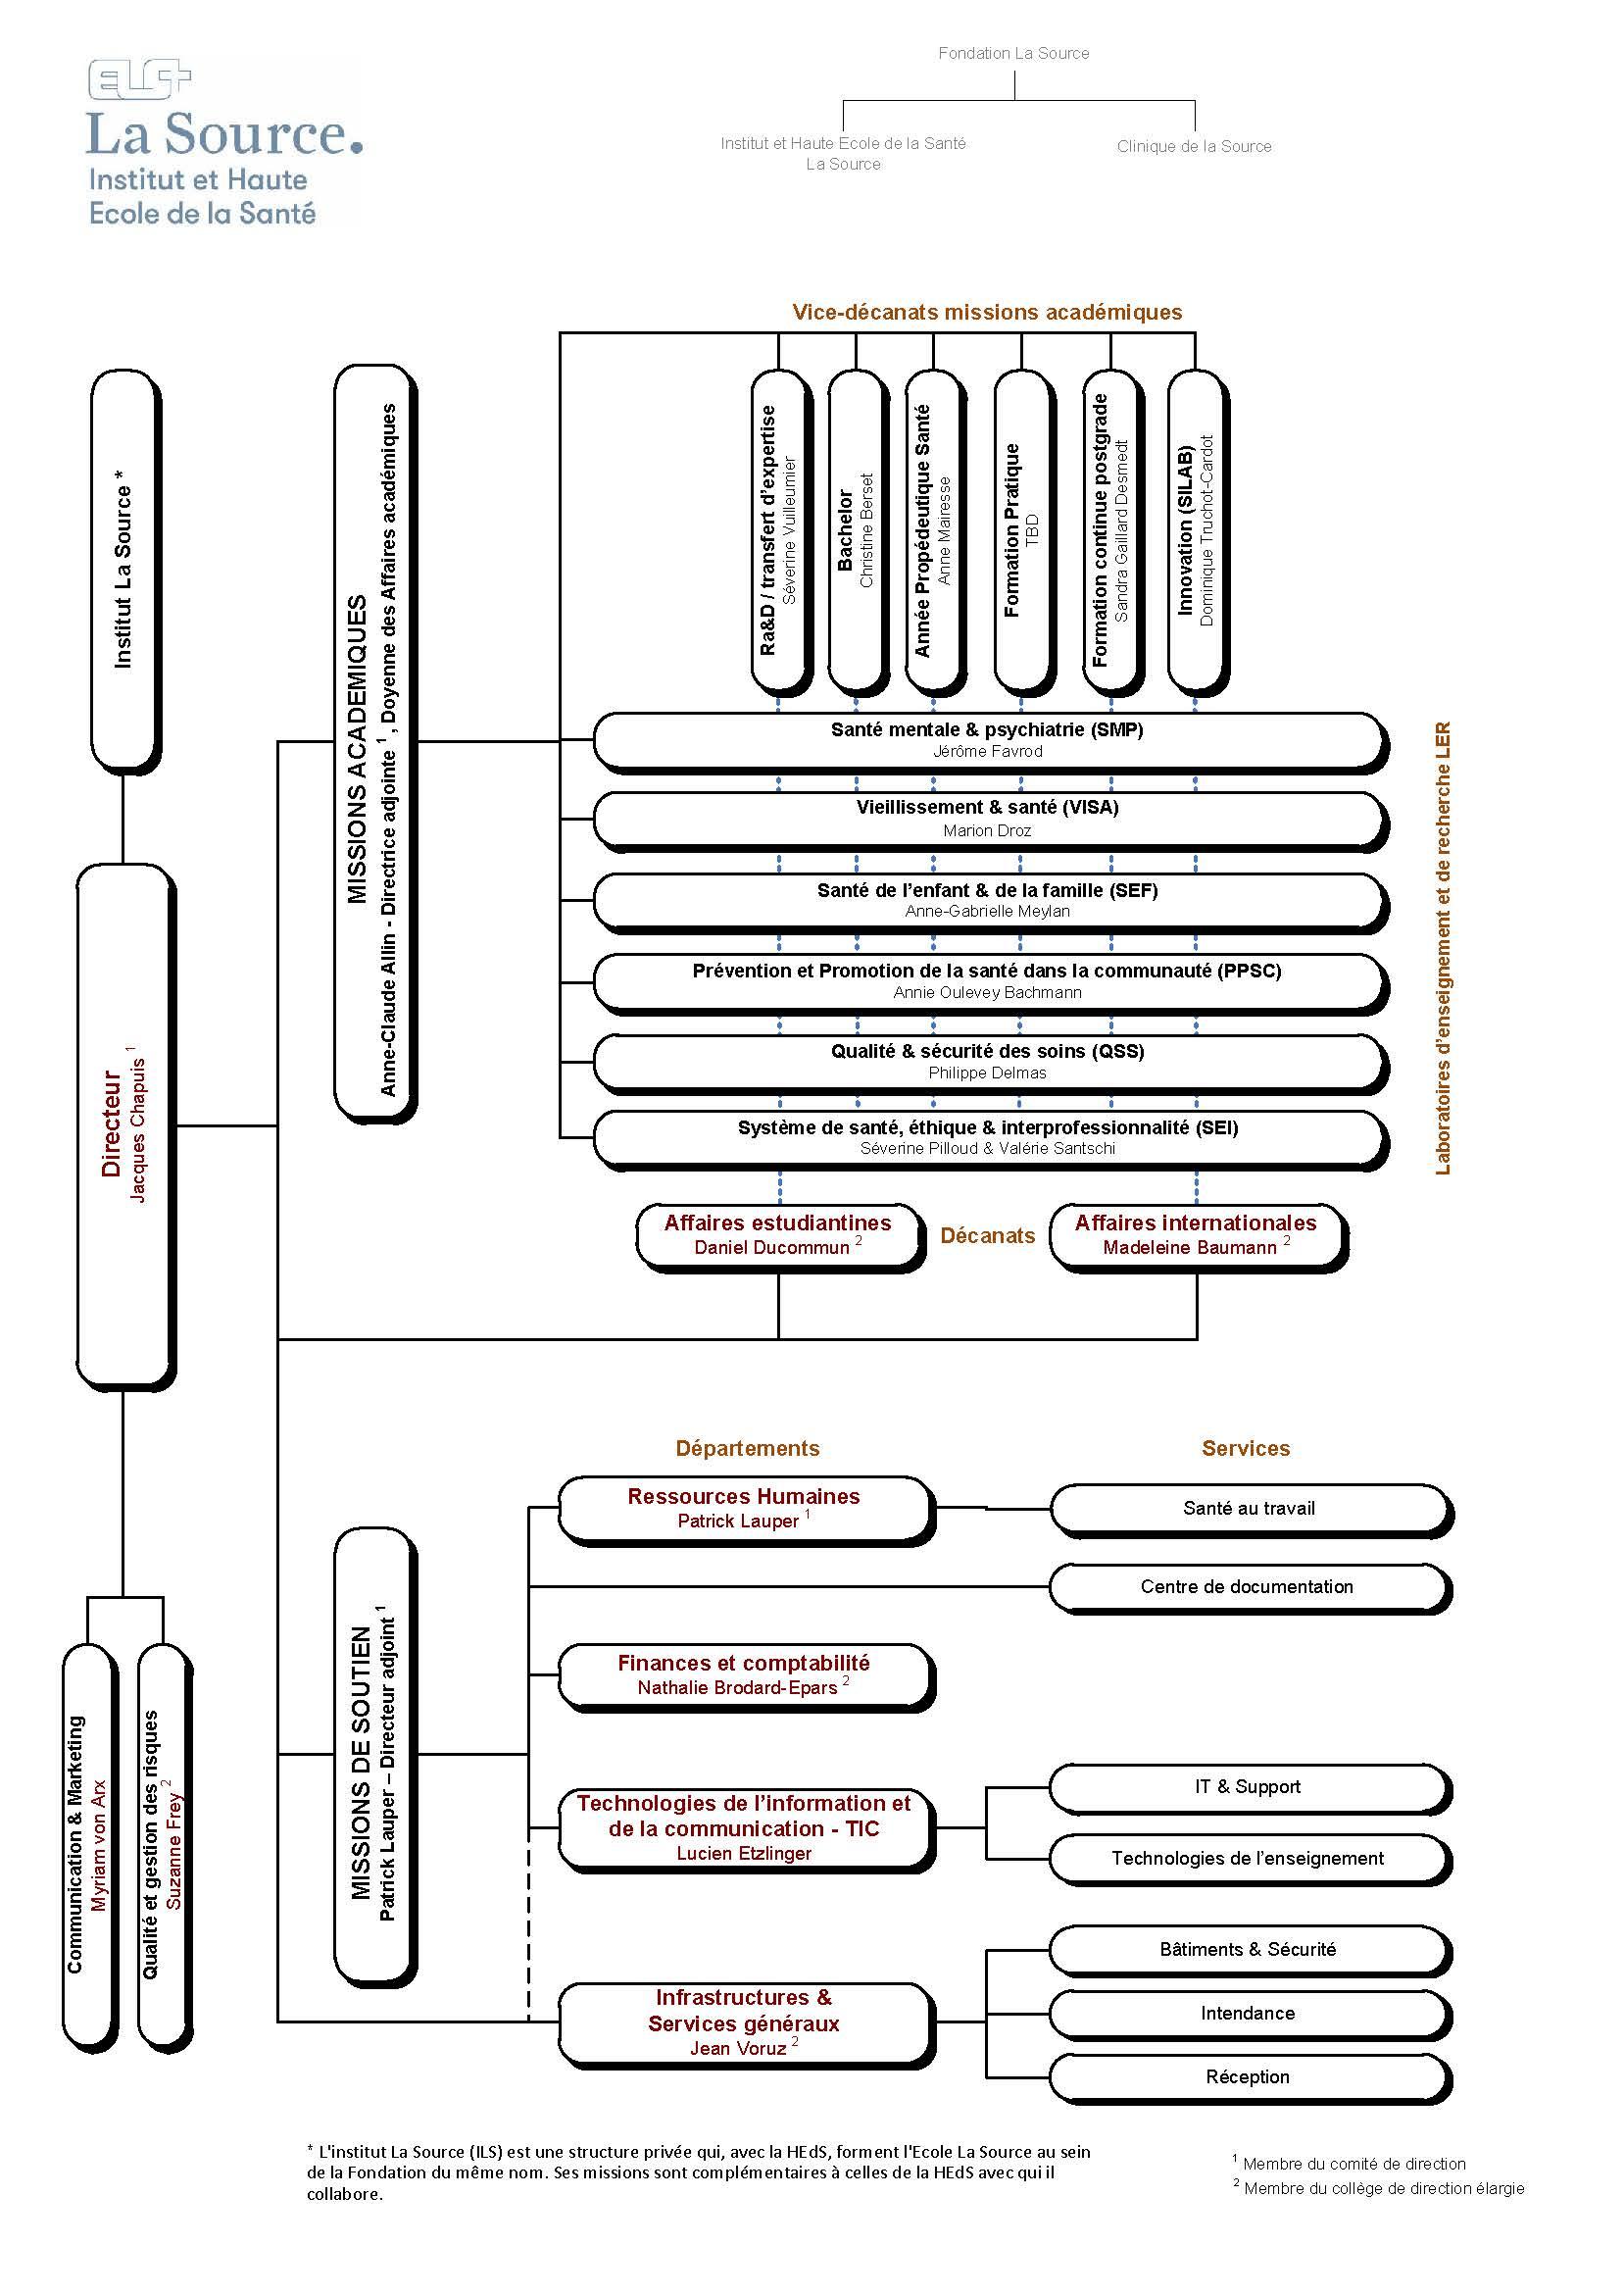 Organigramme ELS